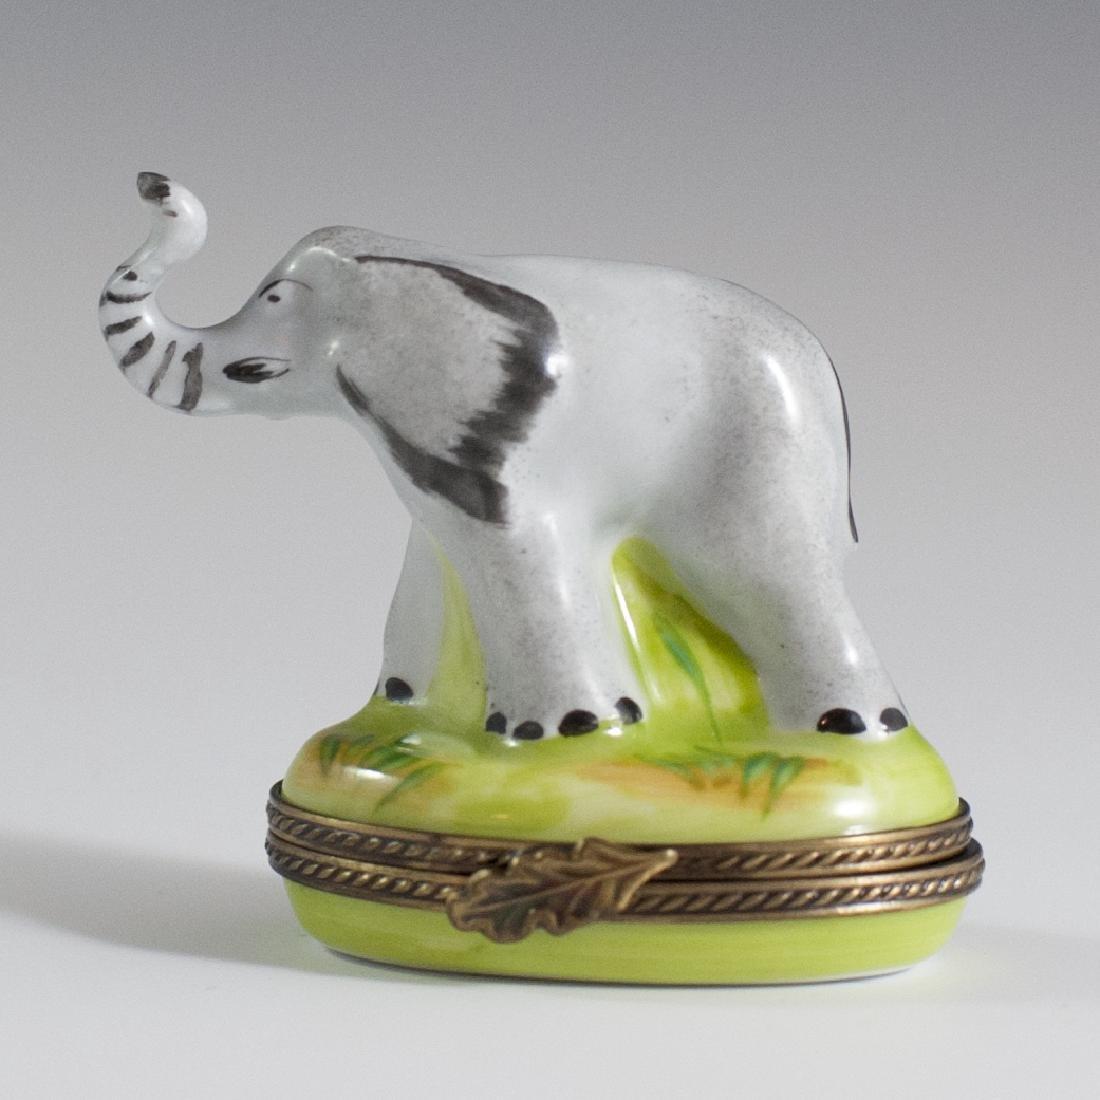 Eximious Limoges Porcelain Trinket Box